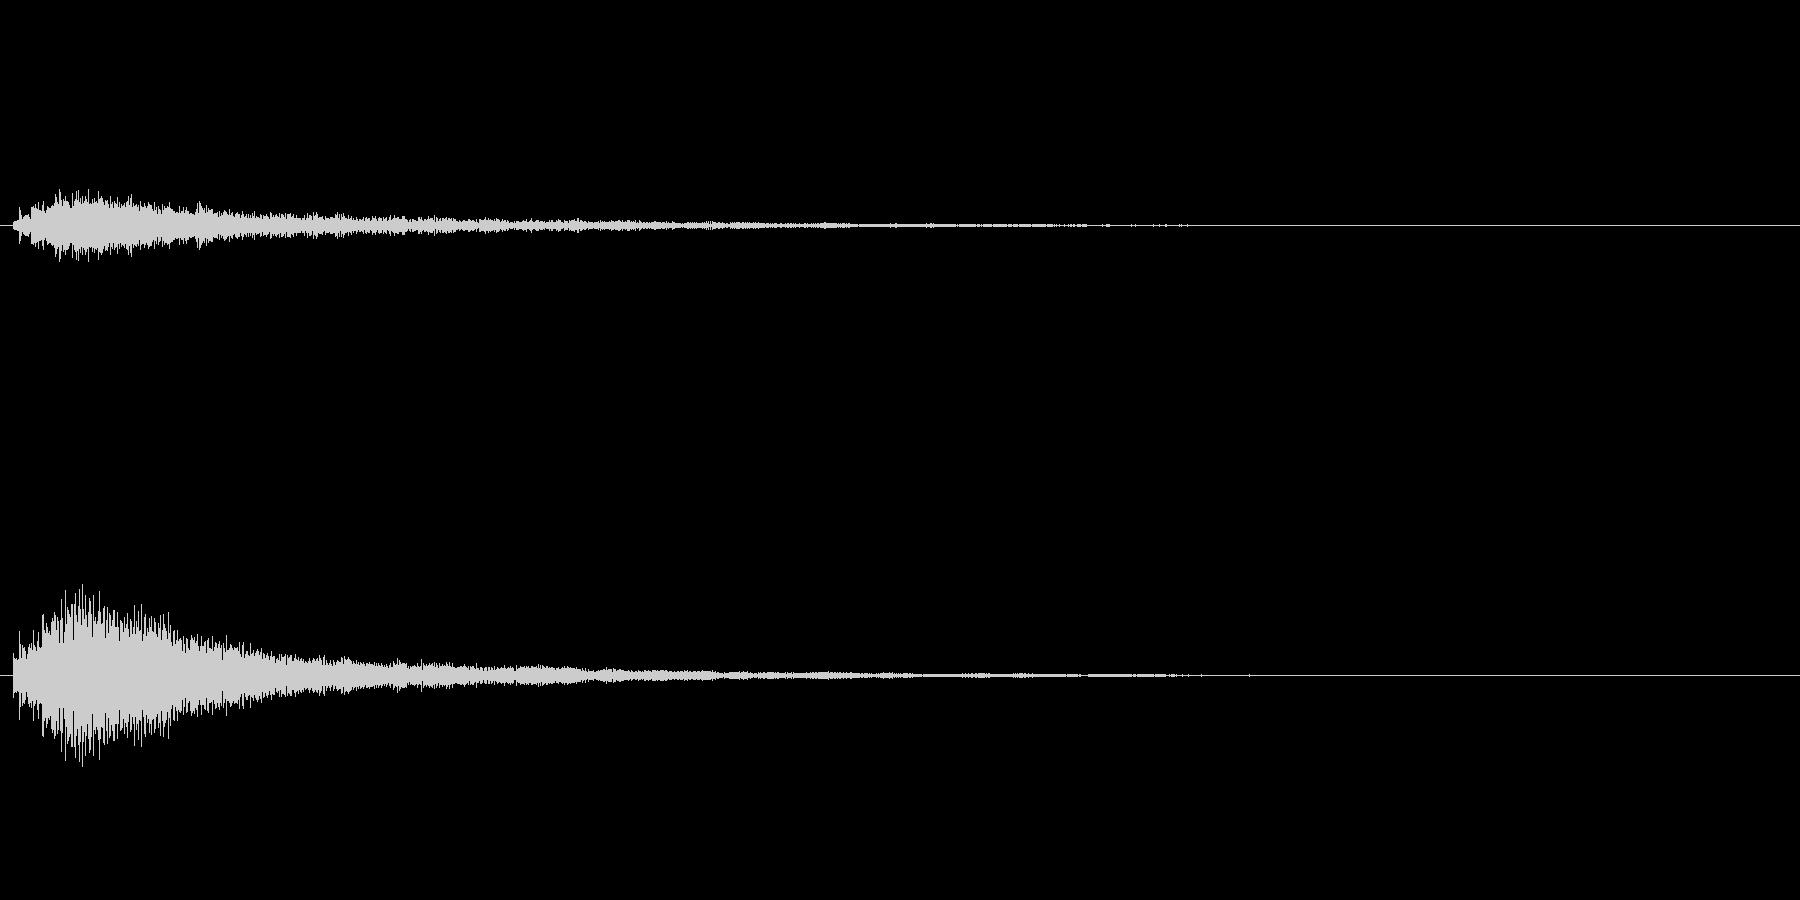 キラキラ系_040の未再生の波形